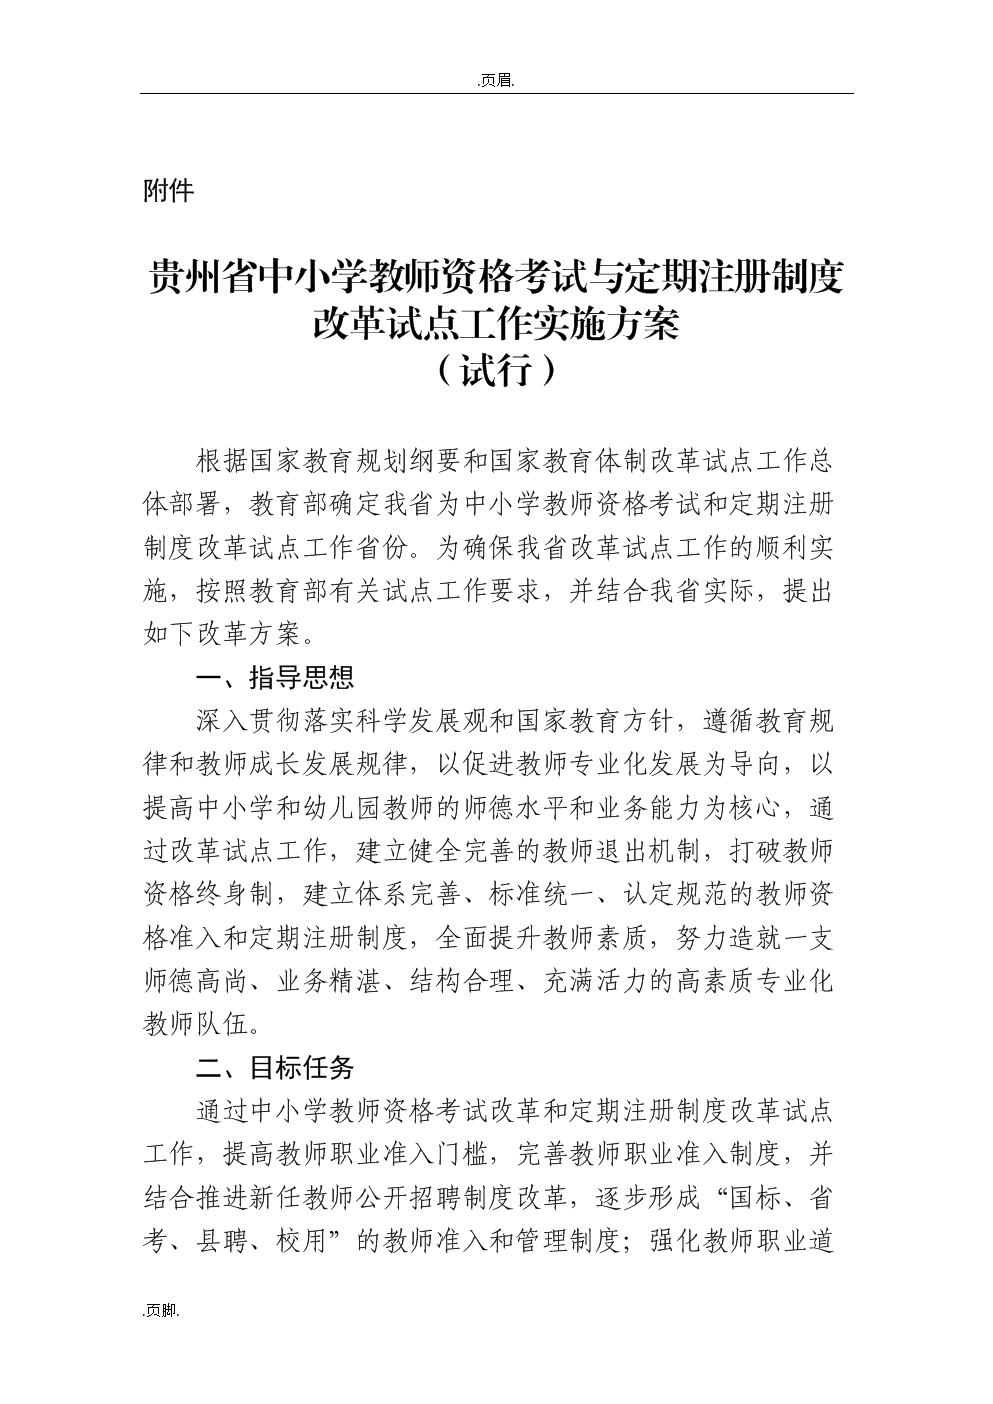 贵州省中小学教师资格考试及定期注册制度改革